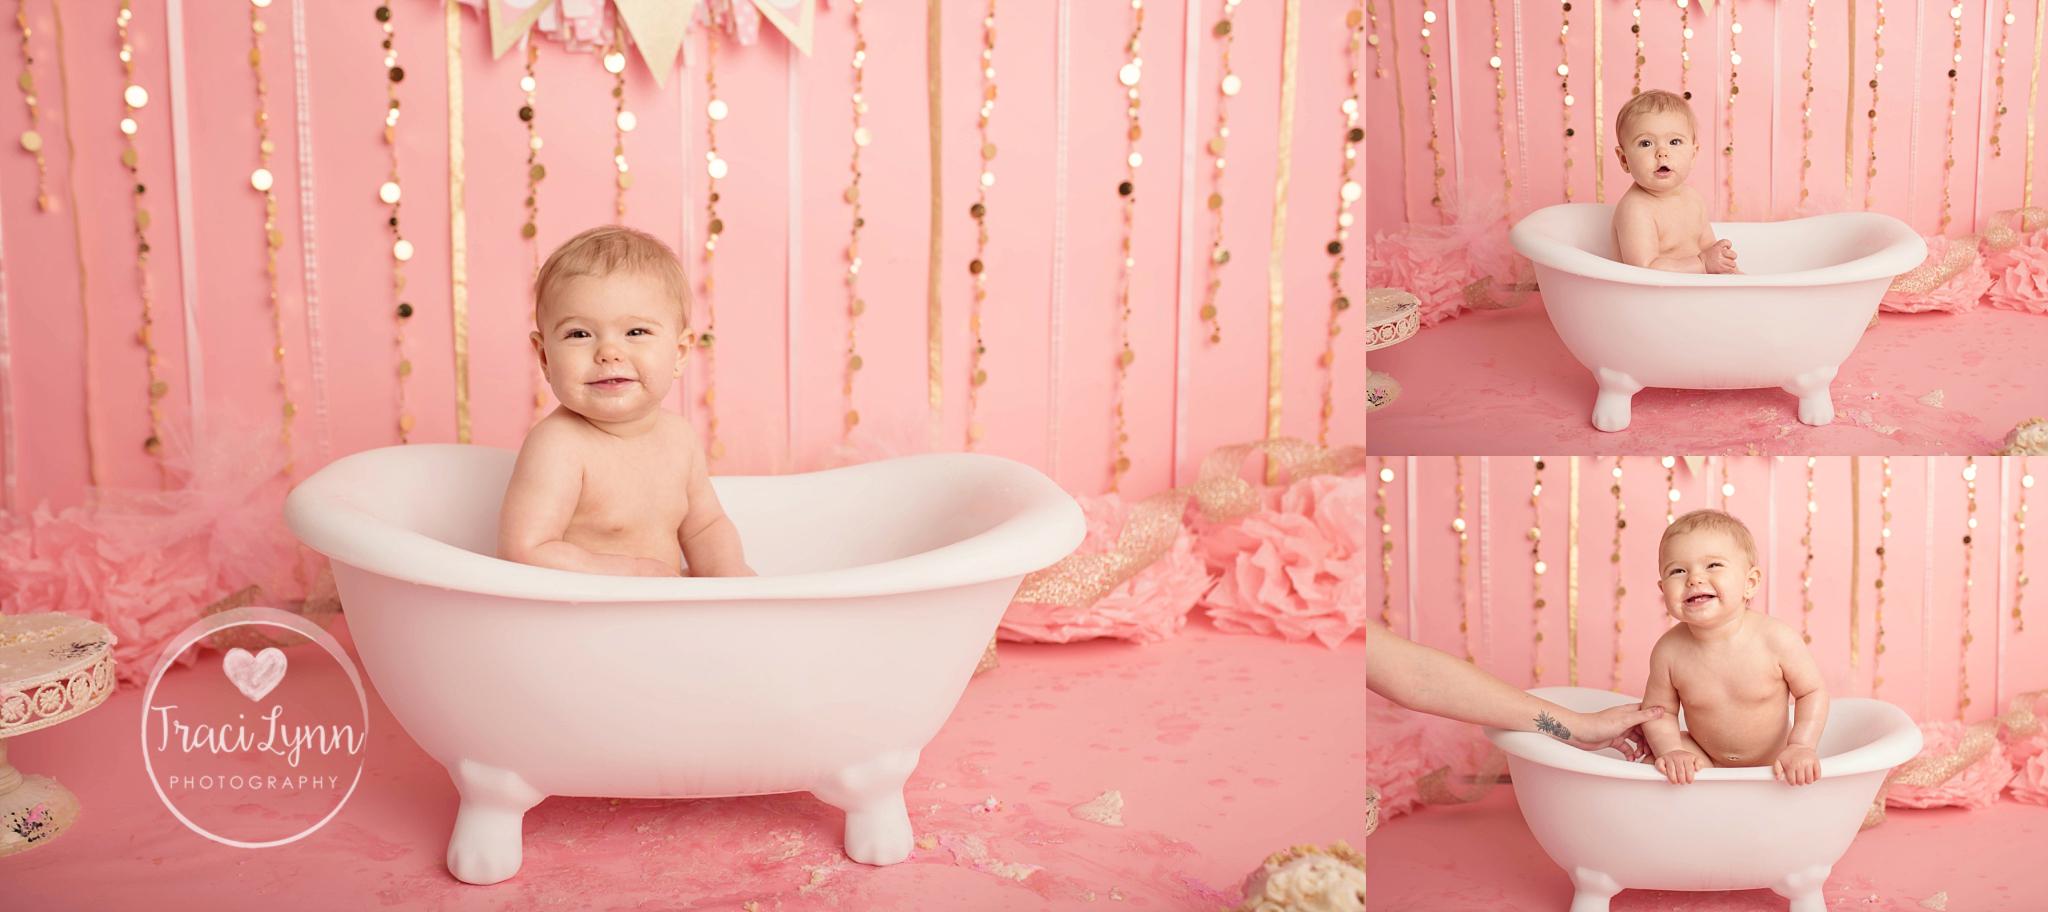 Facebook Bath 1.jpg